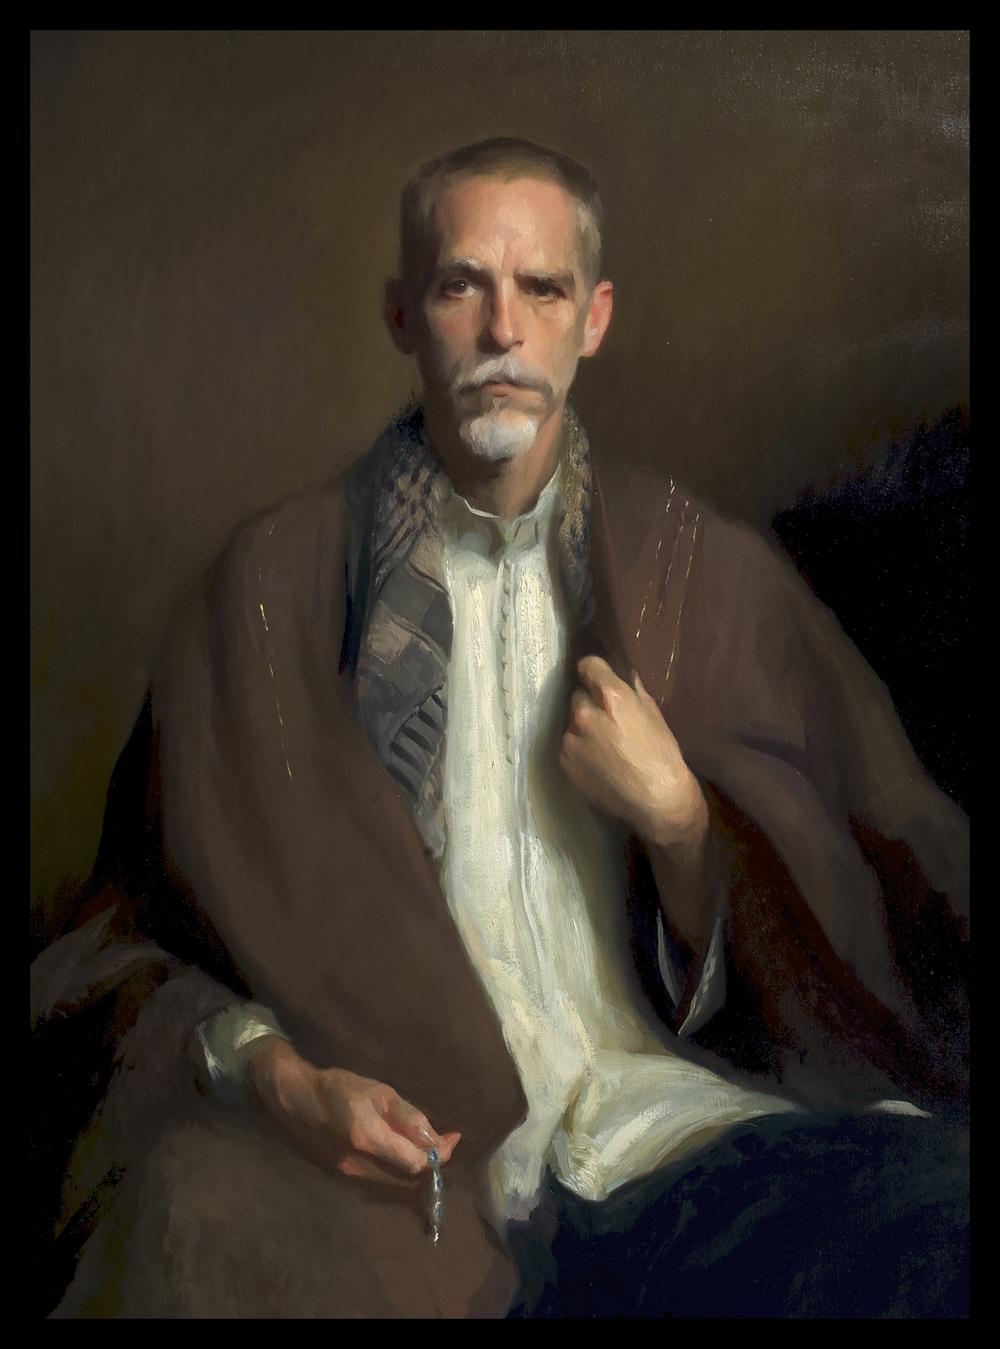 Portrait of Mark Abouzeid